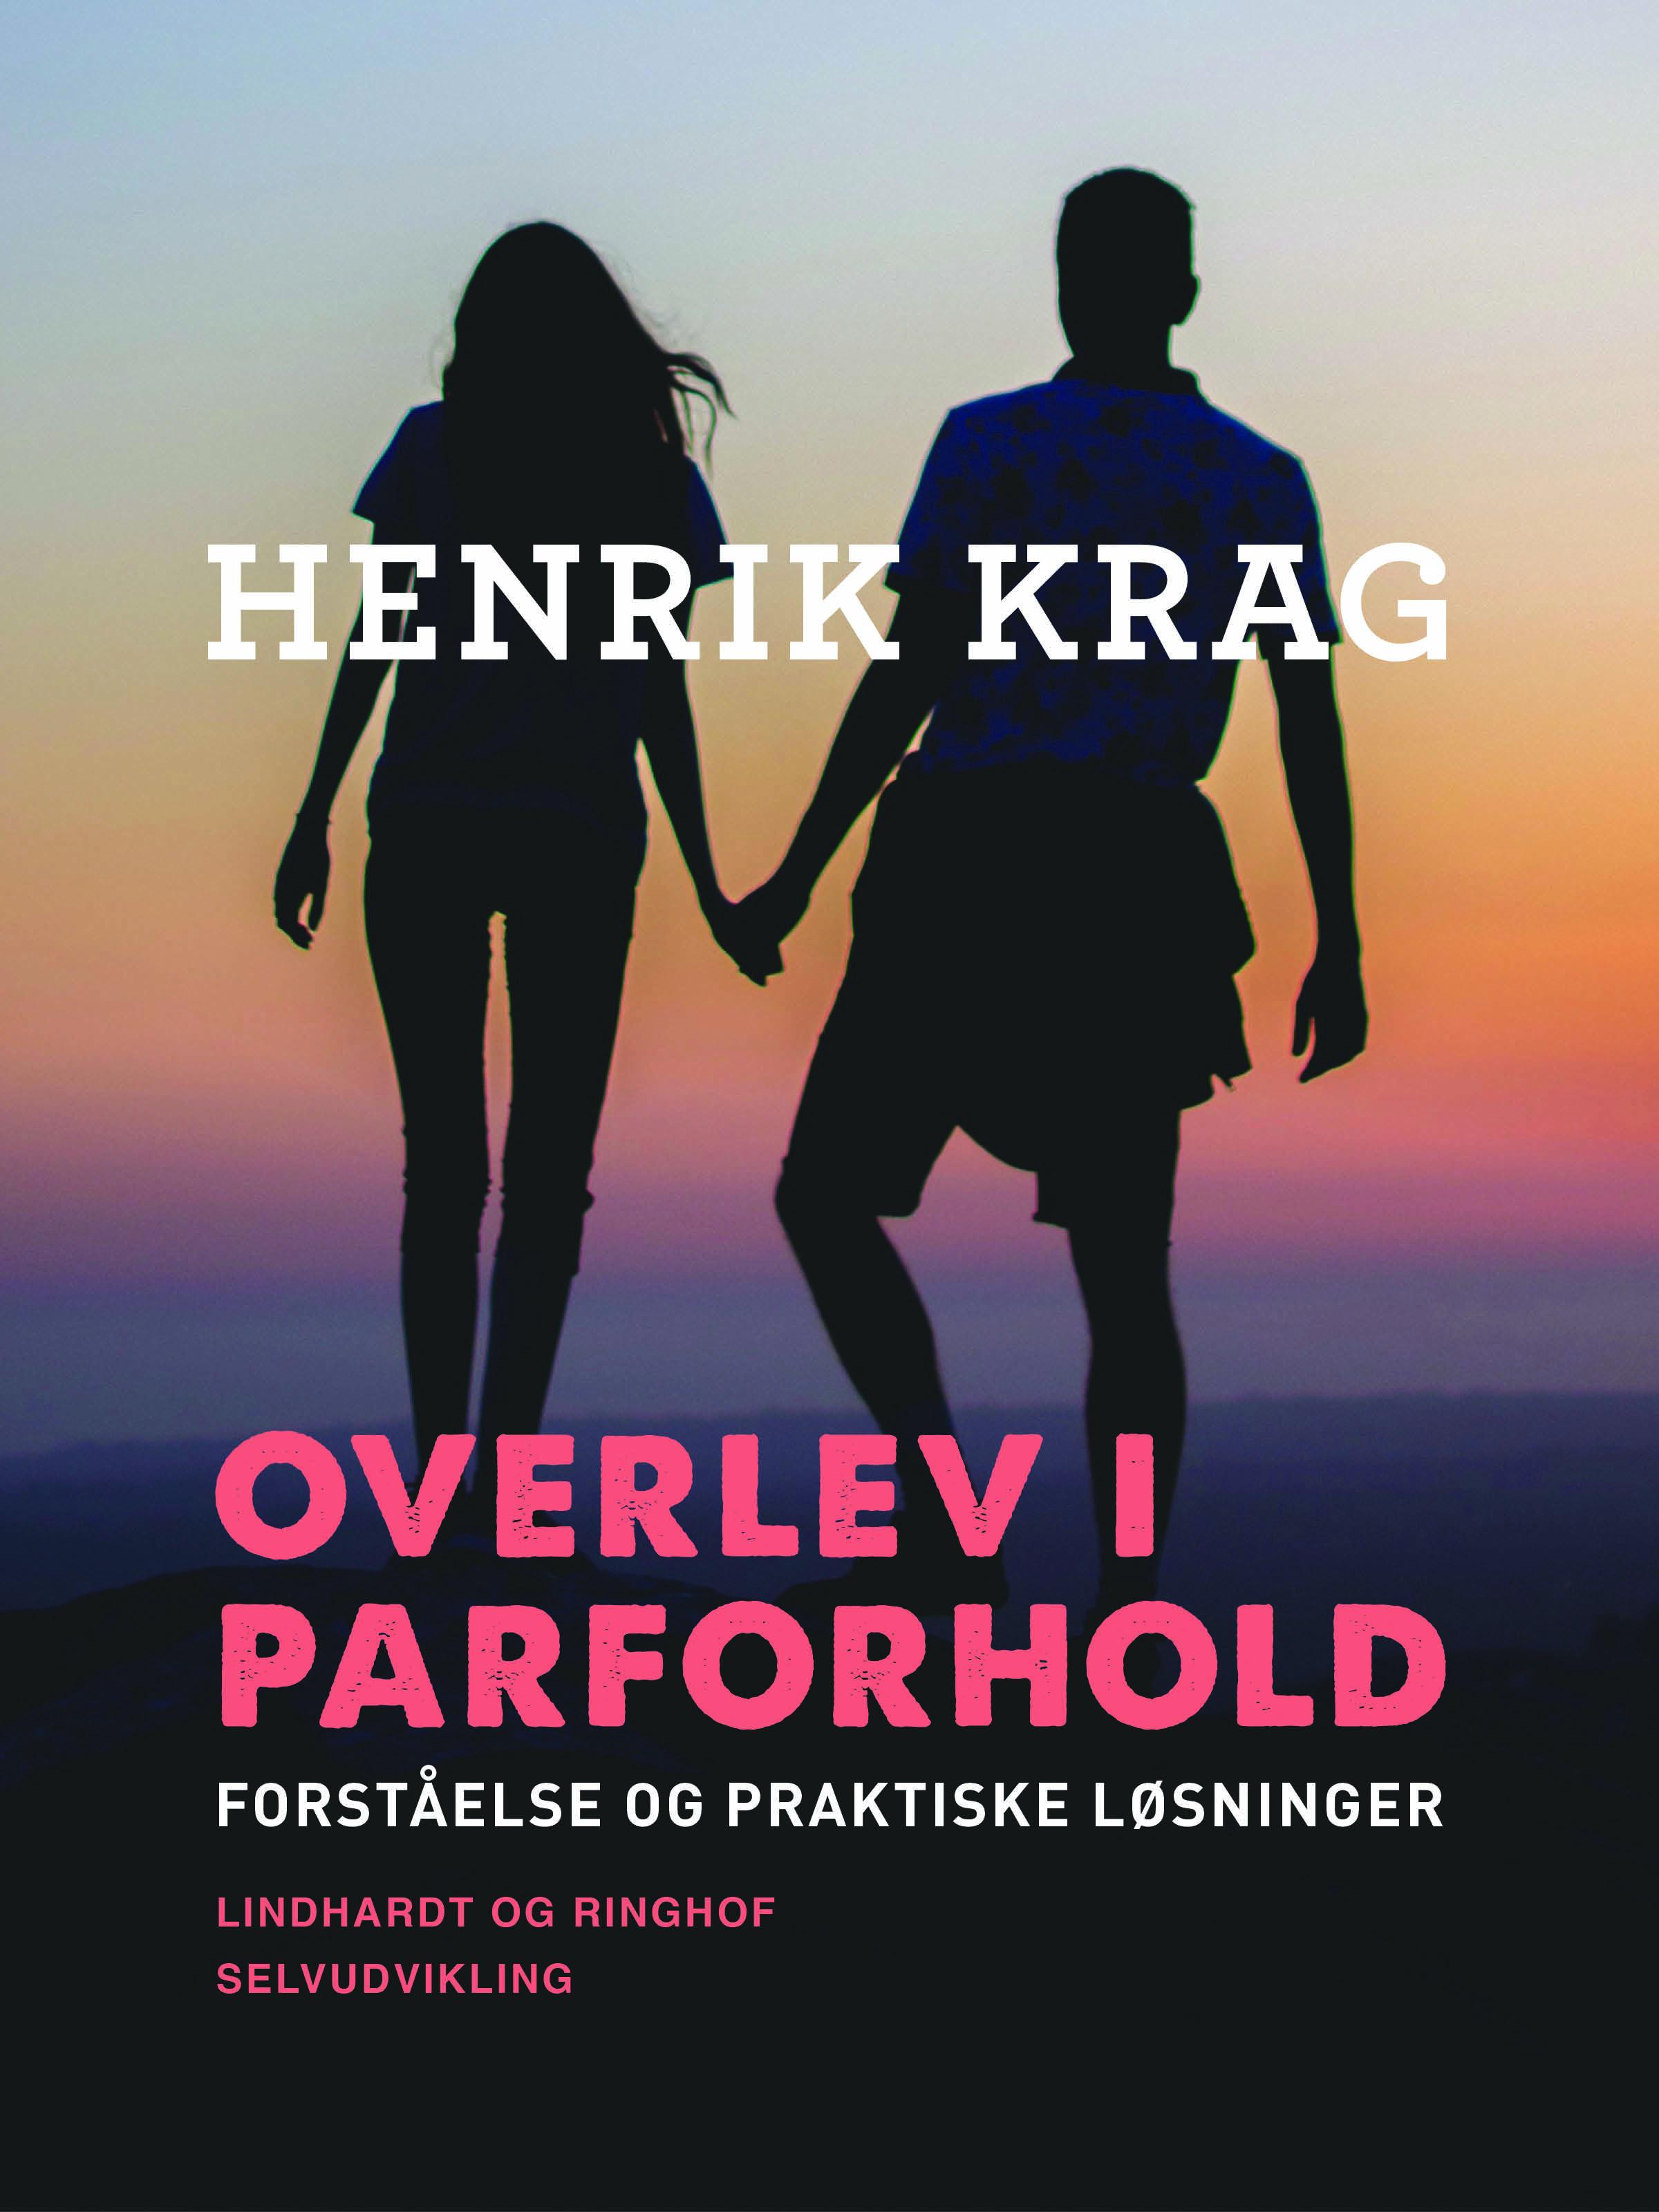 Overlev i parforhold: forståelse og praktiske løsninger - E-bog